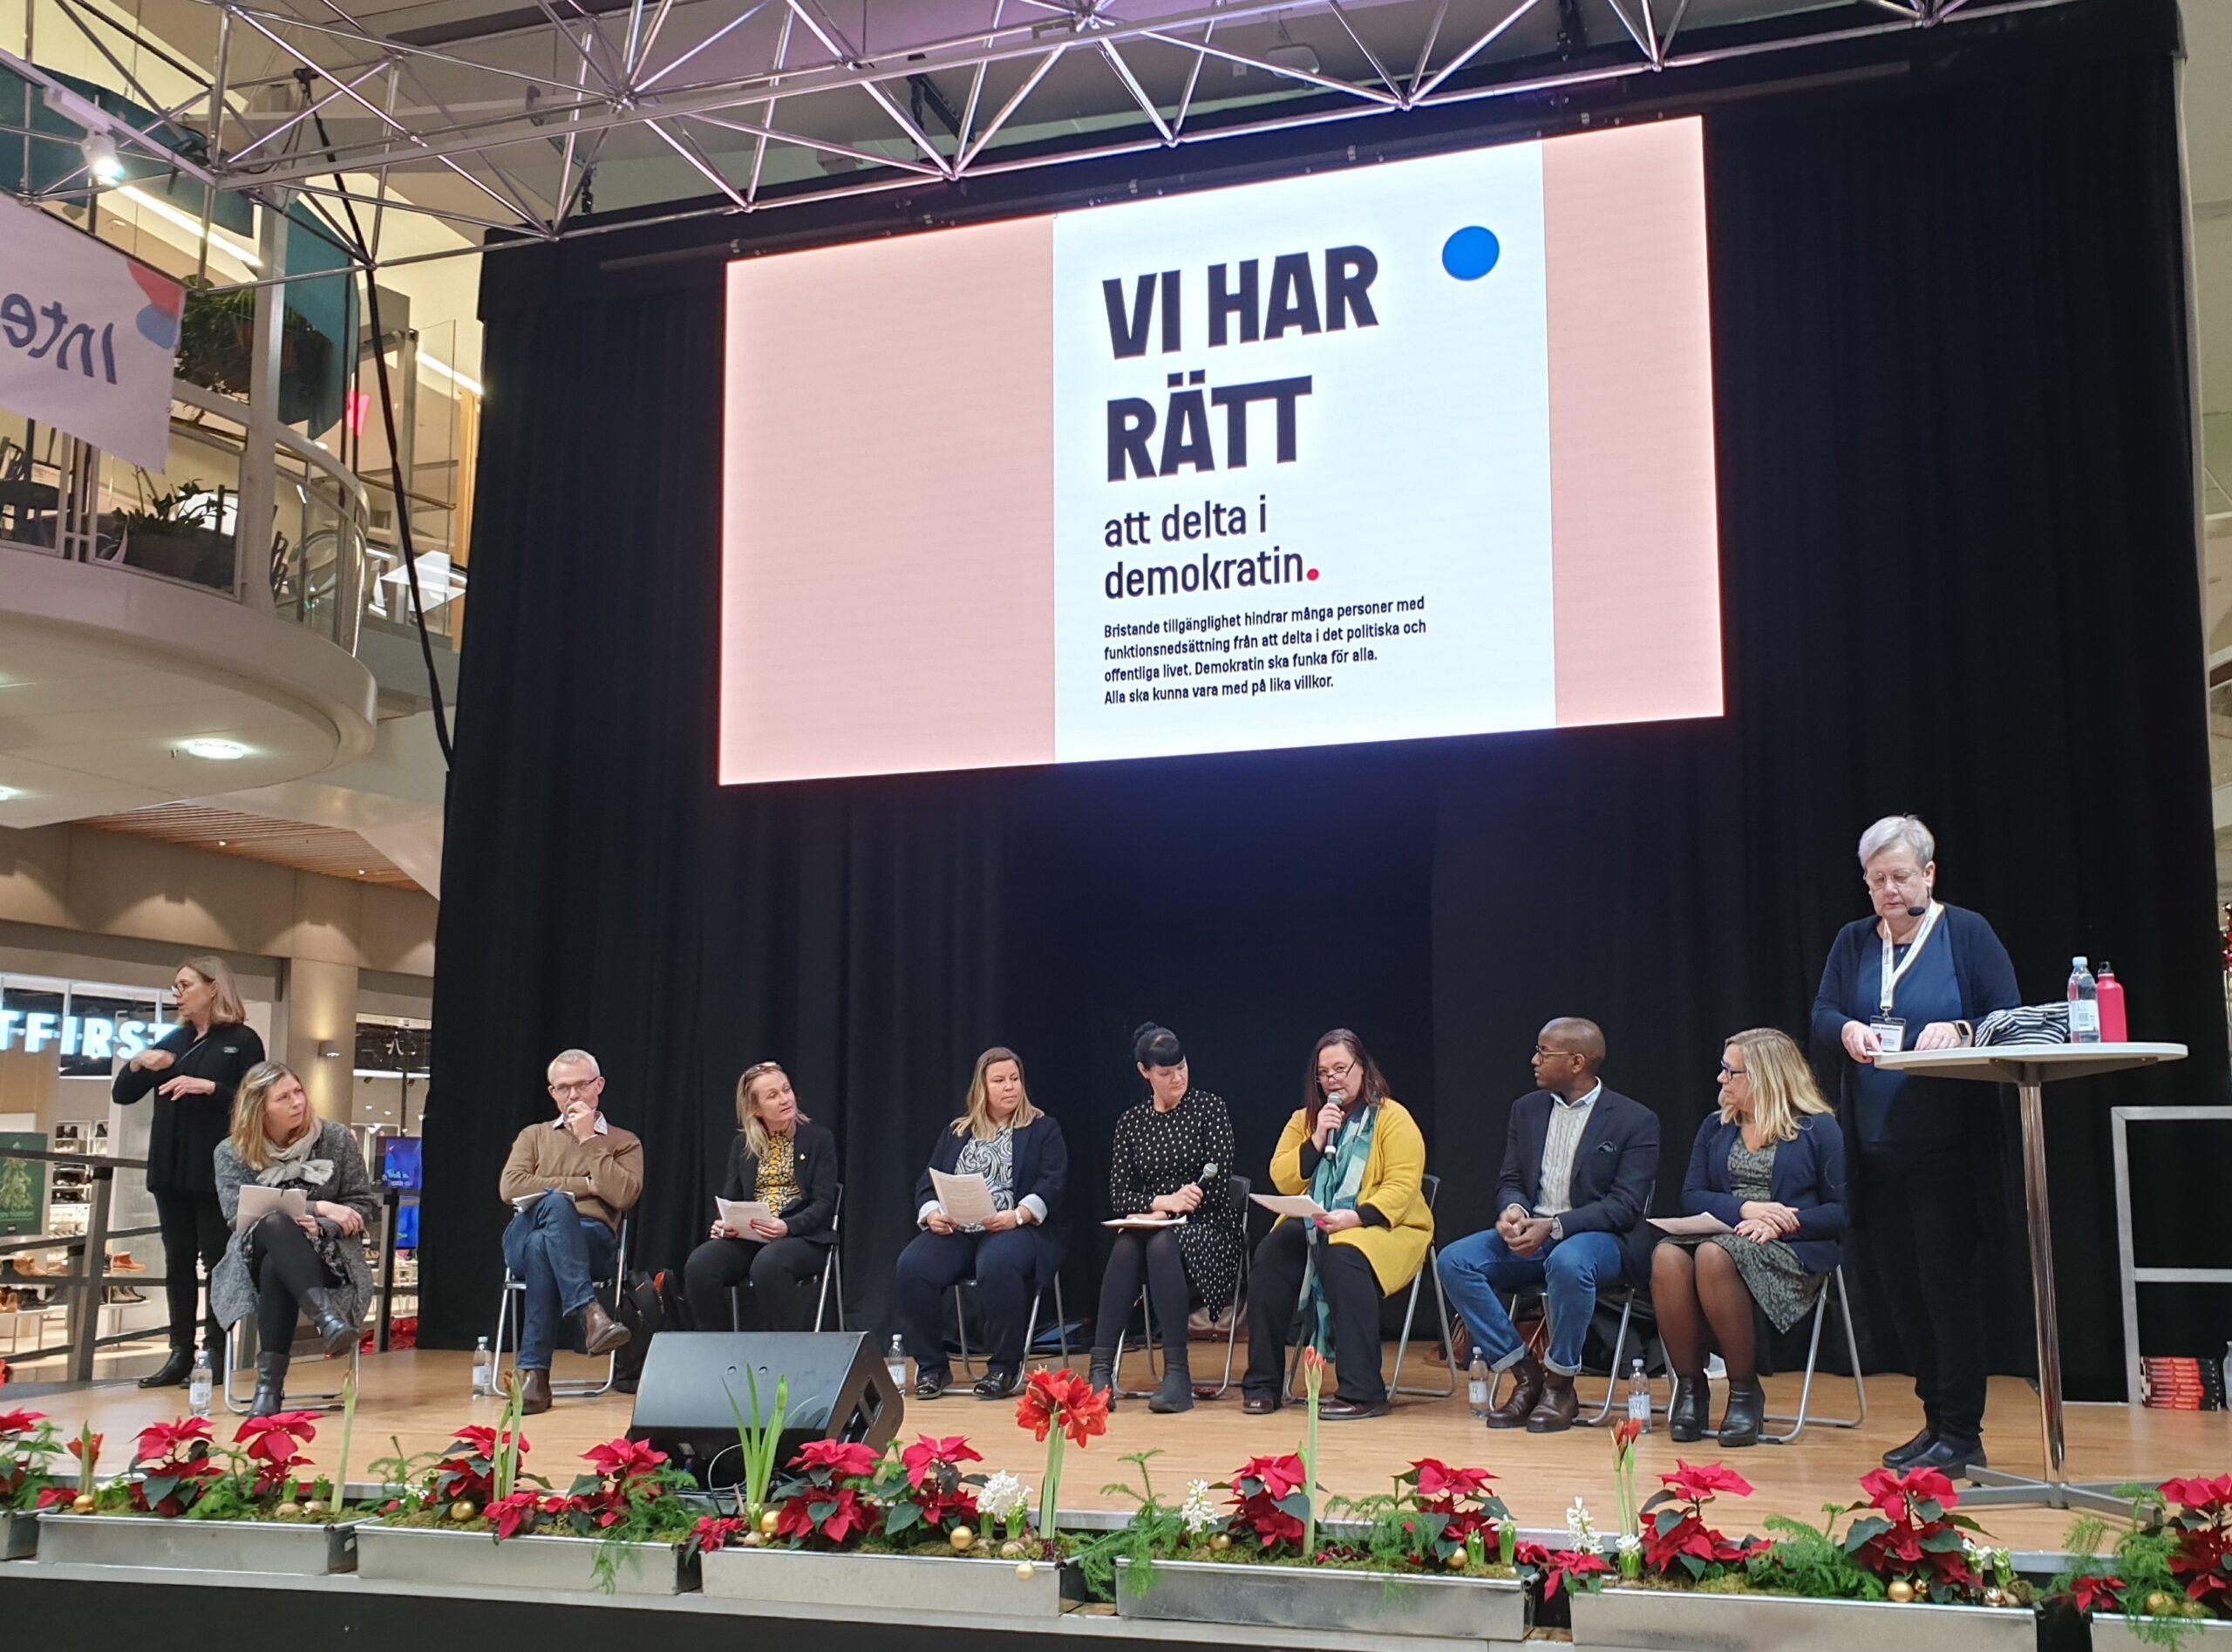 Åtta politiker från kommunstyrelsen och fullmäktige svarade på frågor om funktionshinderpolitik. Frågorna ställdes av Ulla Adolfsson, ordförande för Autism- och Aspergerförbundet.